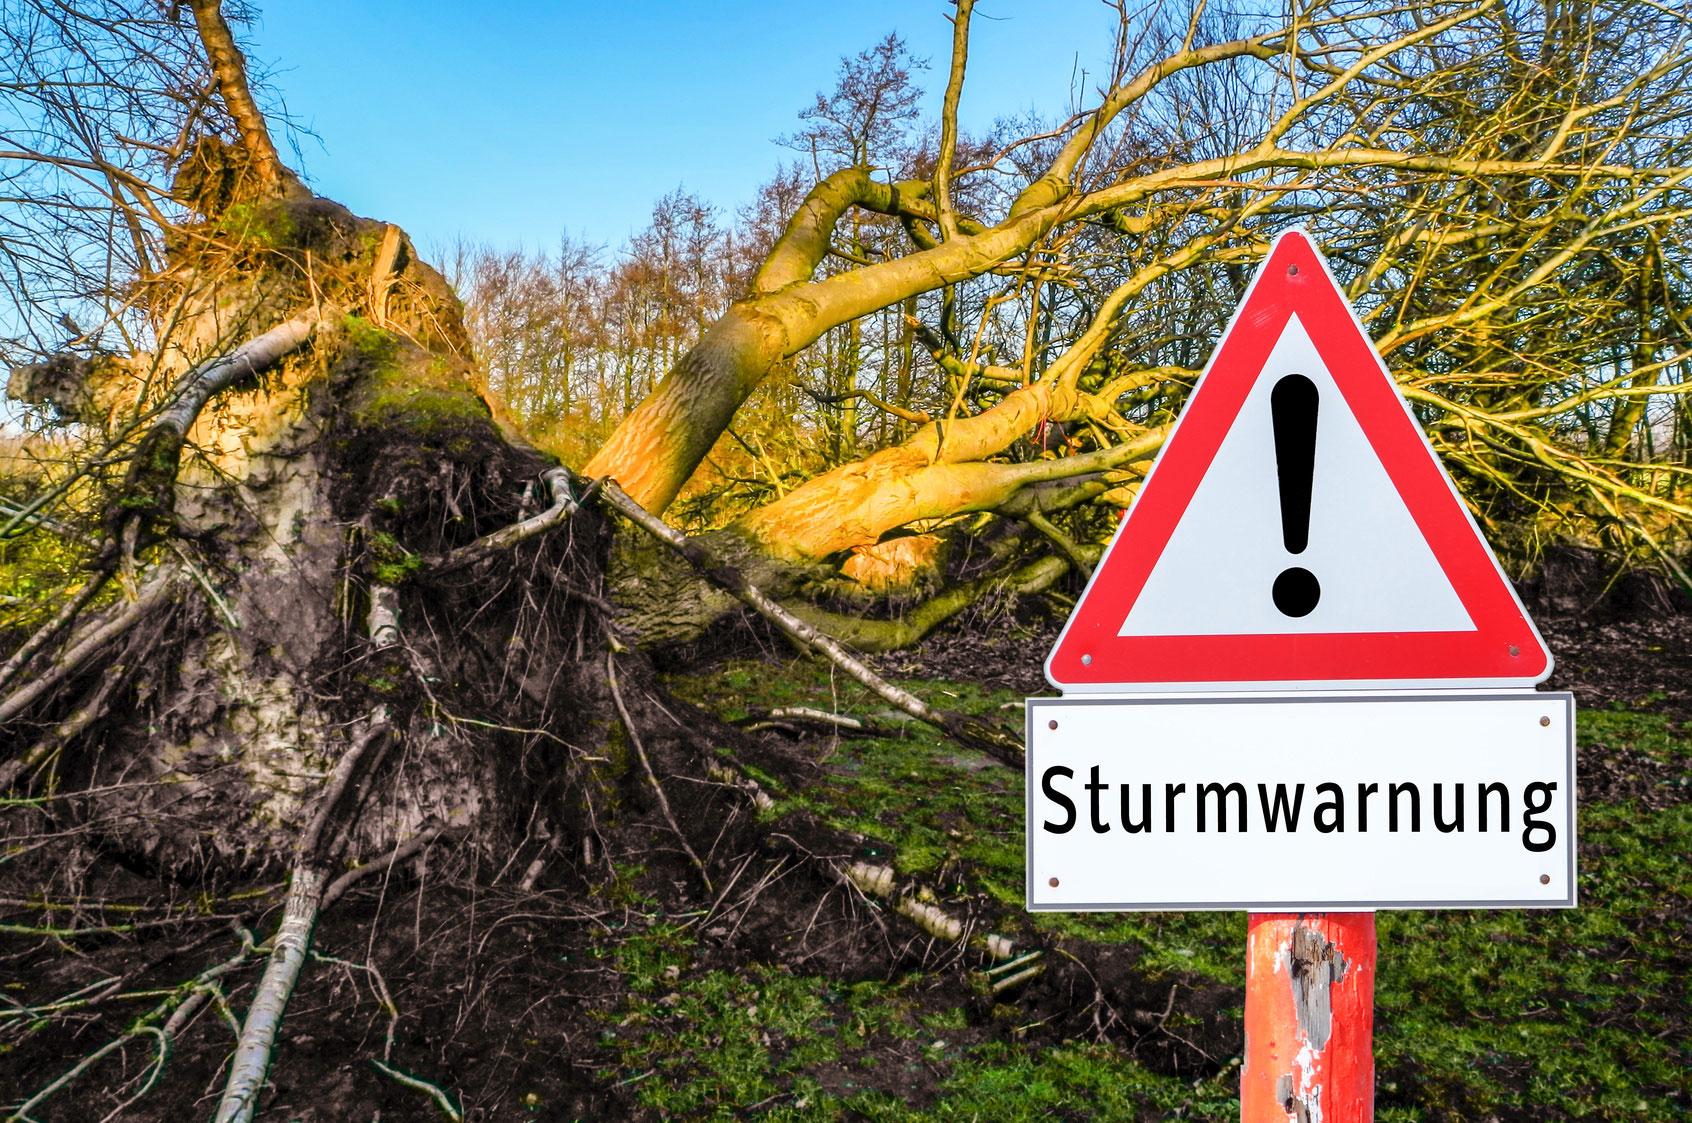 Gerichtsurteil über die Standsicherheit von Bäumen im Garten